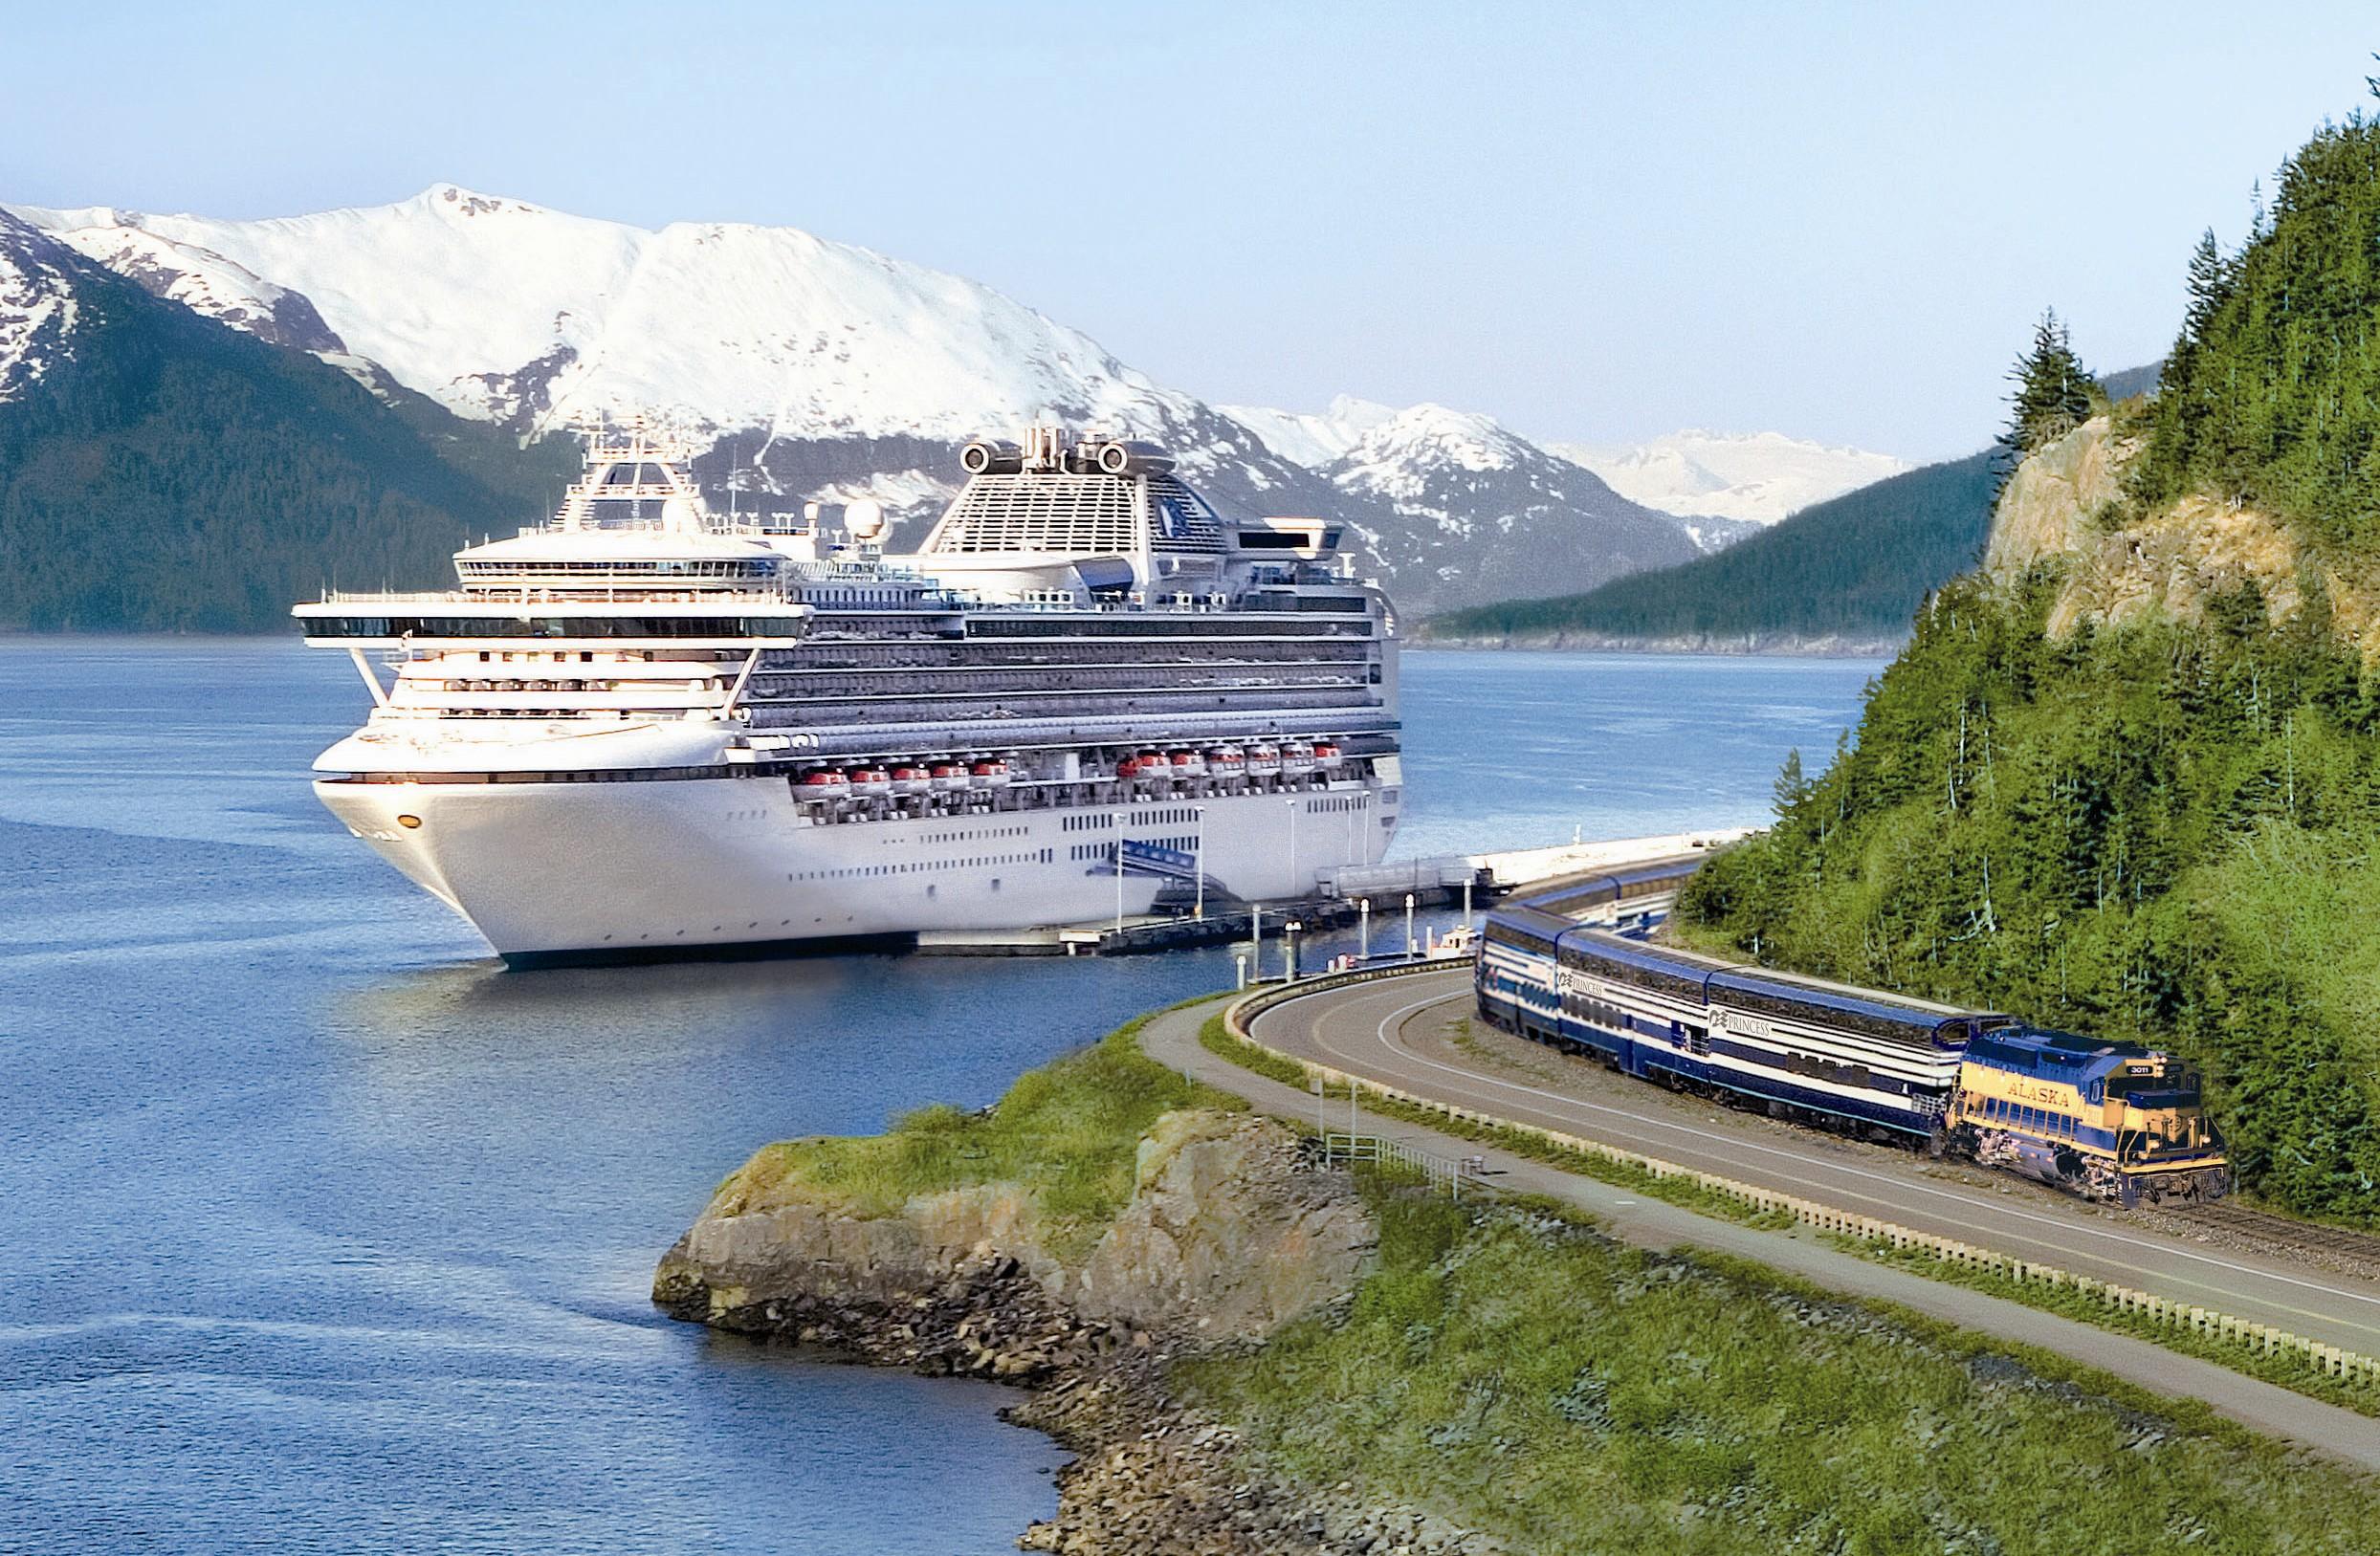 ¹«Ö÷ÓÊÂÖ Princess Cruises ôä´ä¹«Ö÷ºÅ Emerald Princess ¼ÓÄôóÂä»ùɽÂöÈý´ó¹ú¼Ò¹«Ô°+°¢ÀË¹¼Ó±ùºÓÍå14ÈÕÓÊÂÖÖ®Âà 5ÔÂ9ÈÕ³ö·¢ θ绪µÇ´¬ º½Ïß±àºÅ:777705091